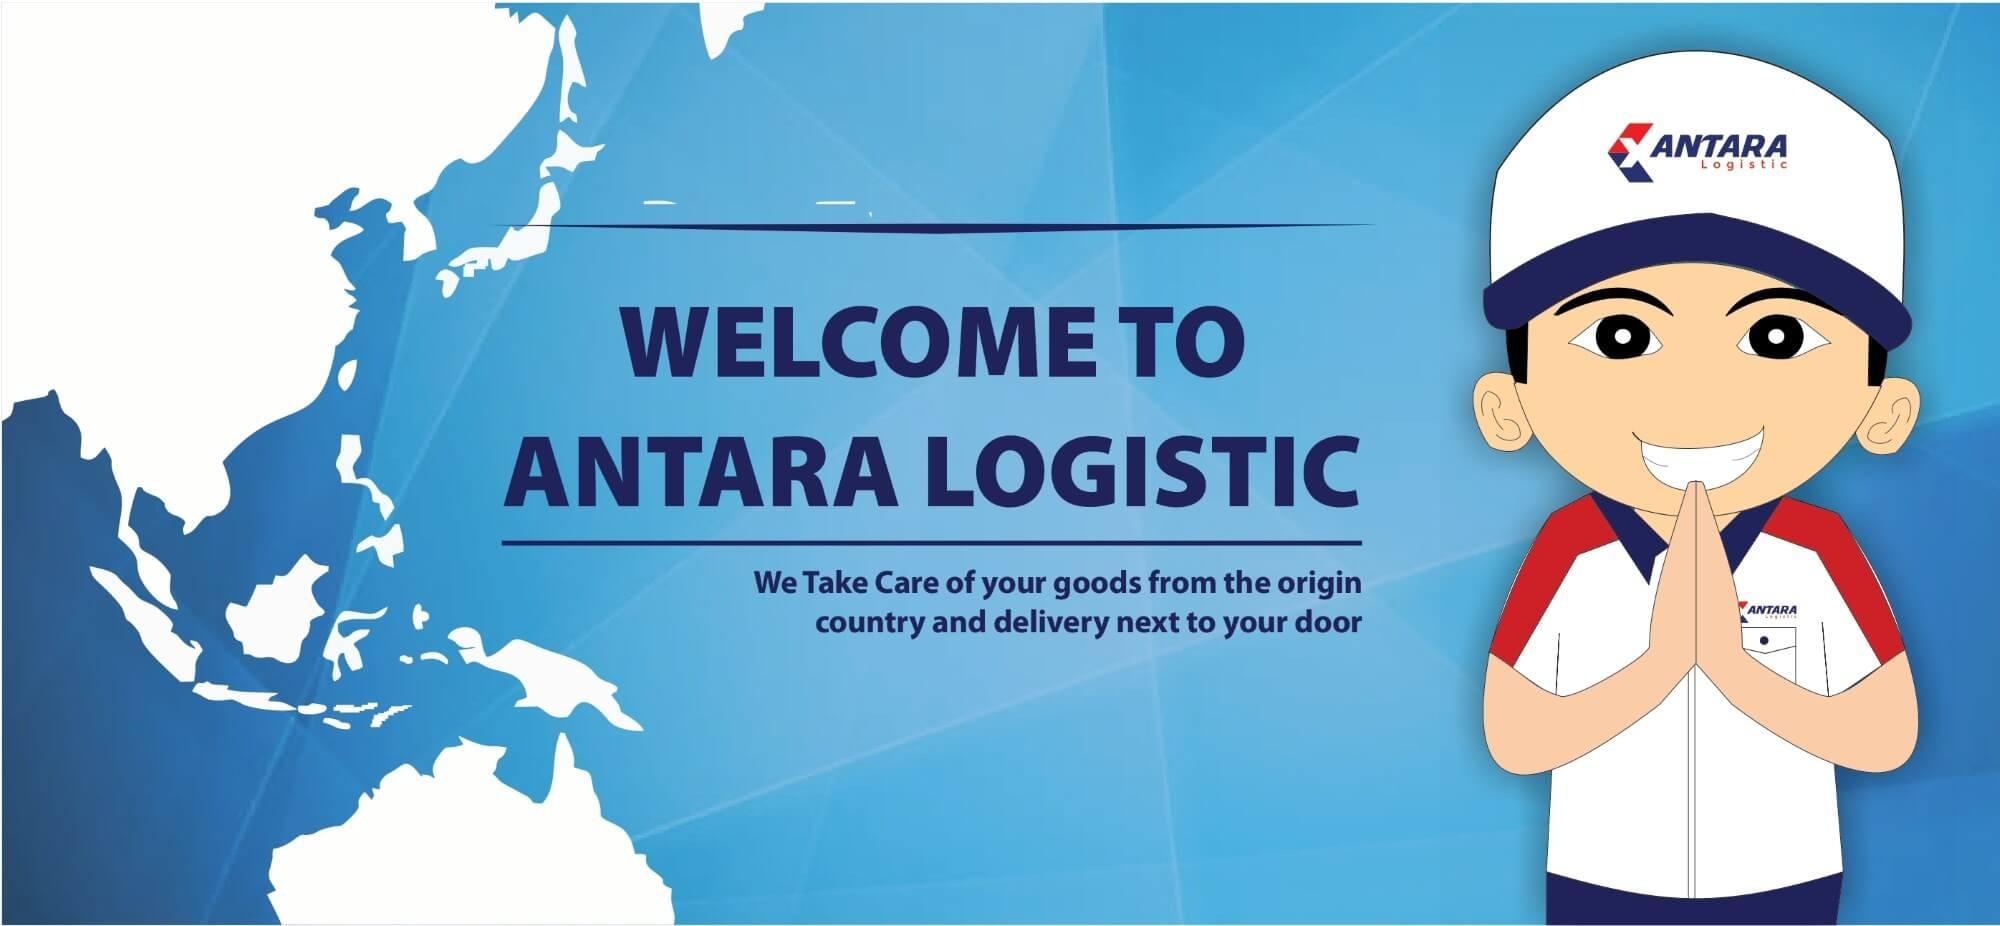 Antara Logistic